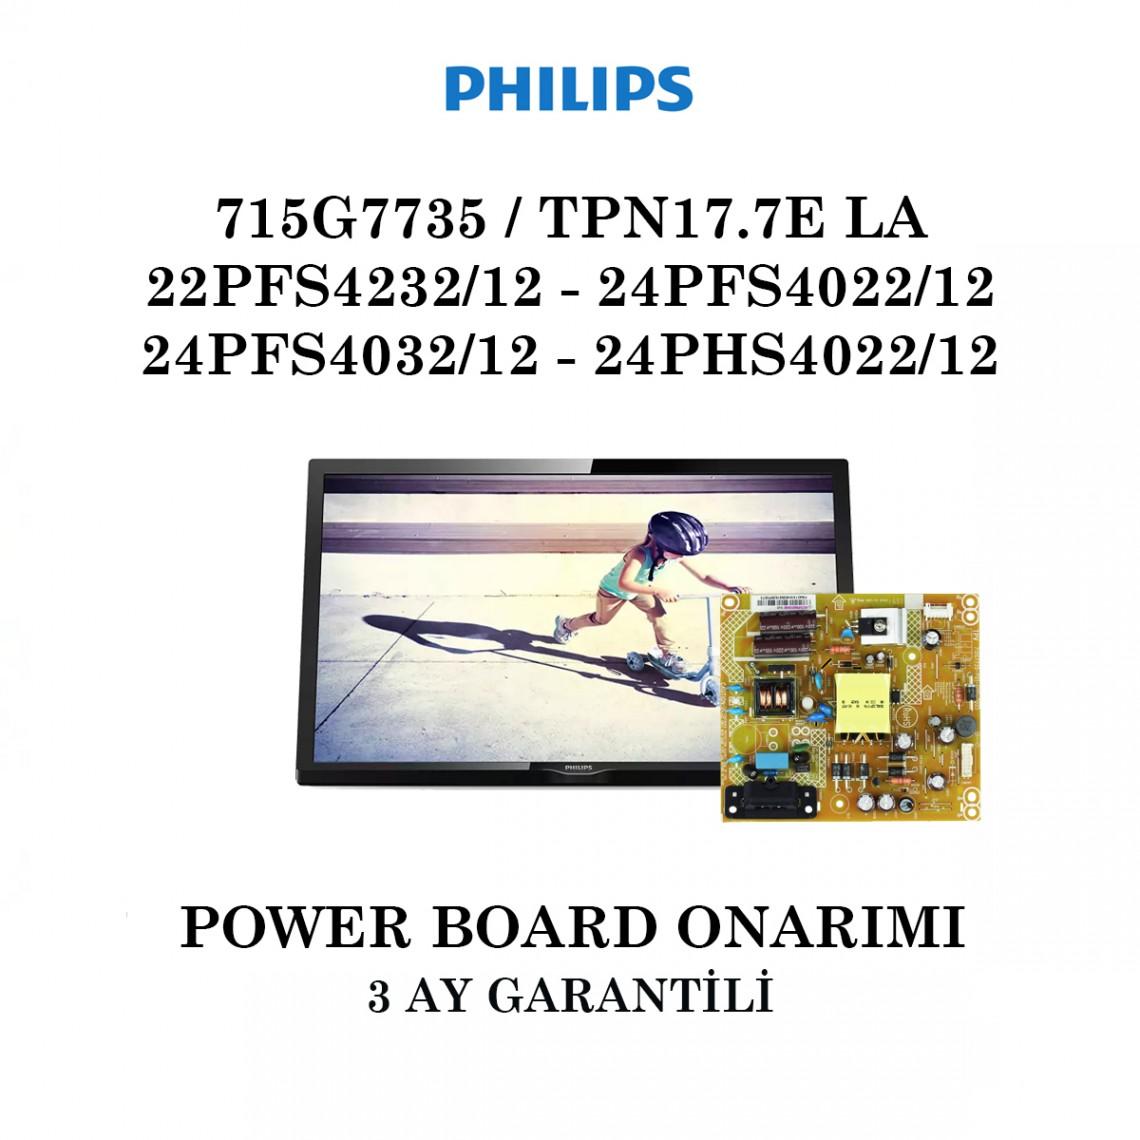 PHILIPS, 715G7735, TPN17.7E LA, 22PFS4232/12, 24PFS4022/12, 24PFS4032/12, 24PHS4022/12, 715G7735-P01-003-002S, Power Board, Besleme Kartı Onarımı